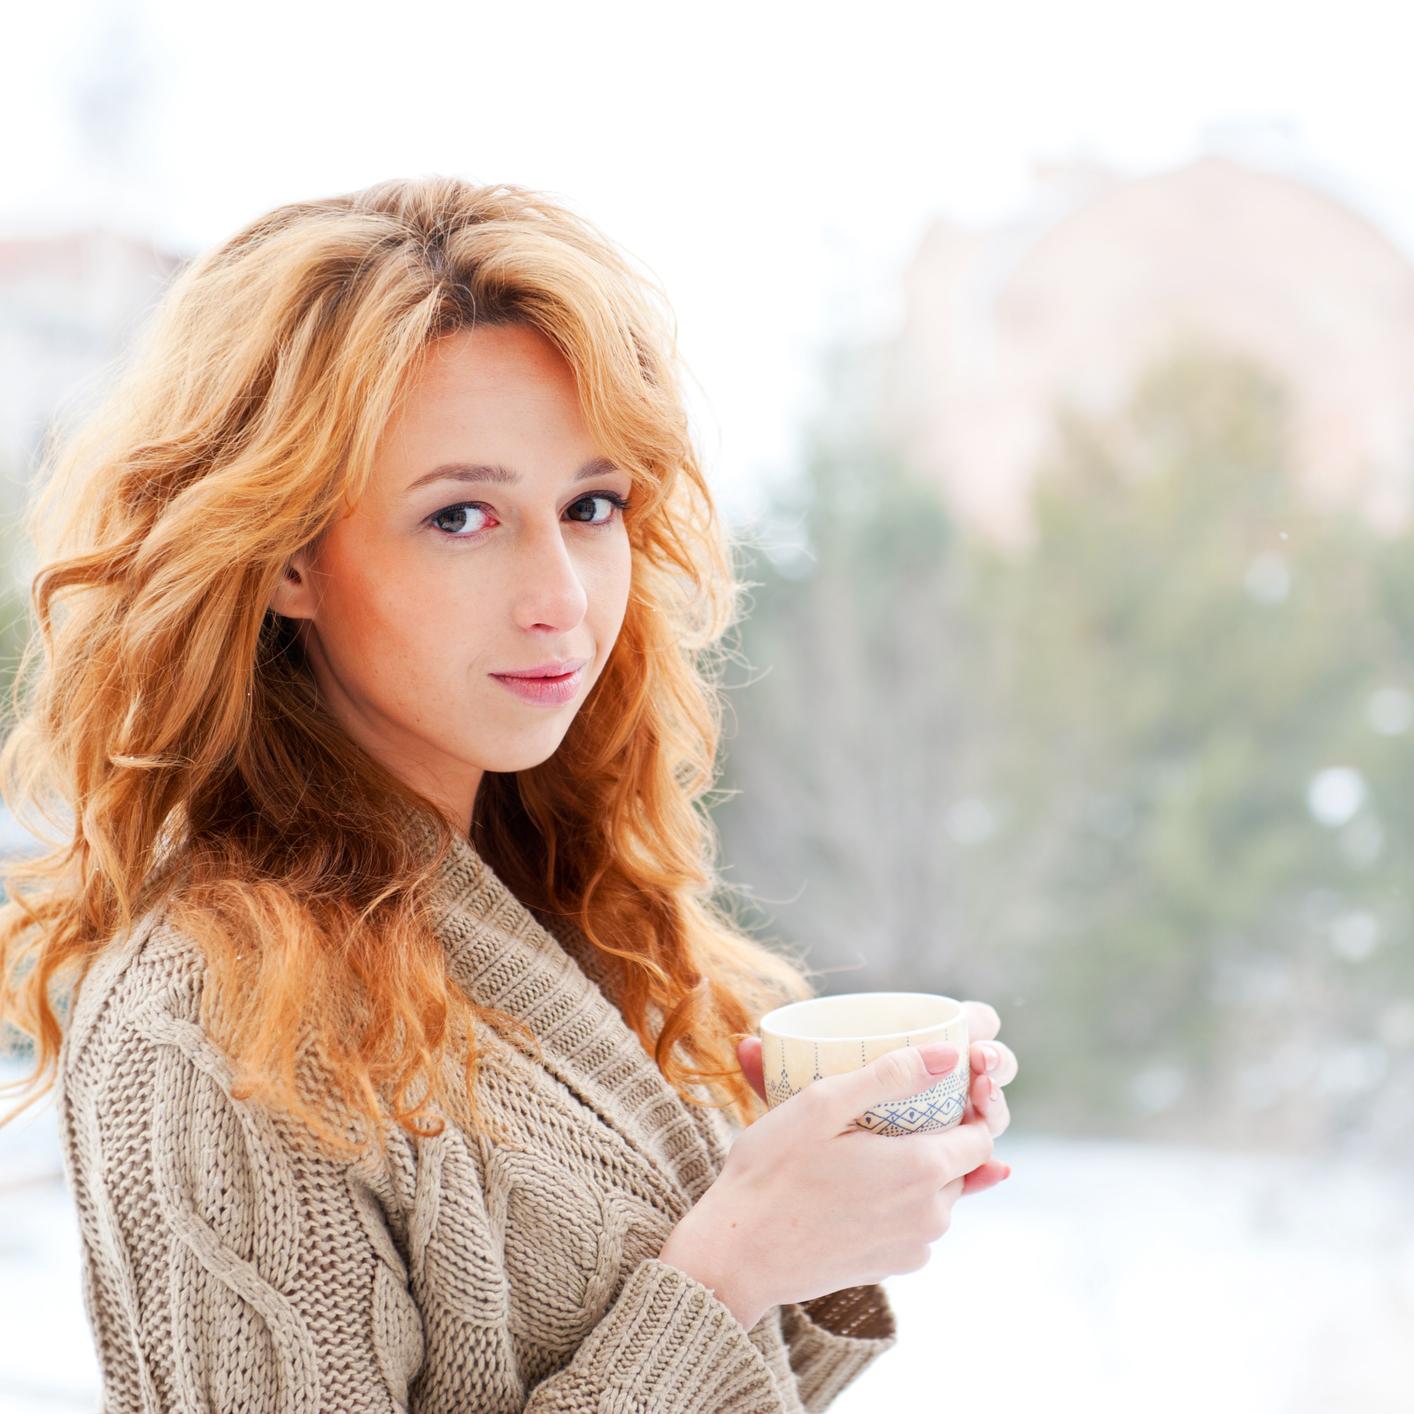 В зимнее время от сухости и ломкости волосы спасут маски с маслами